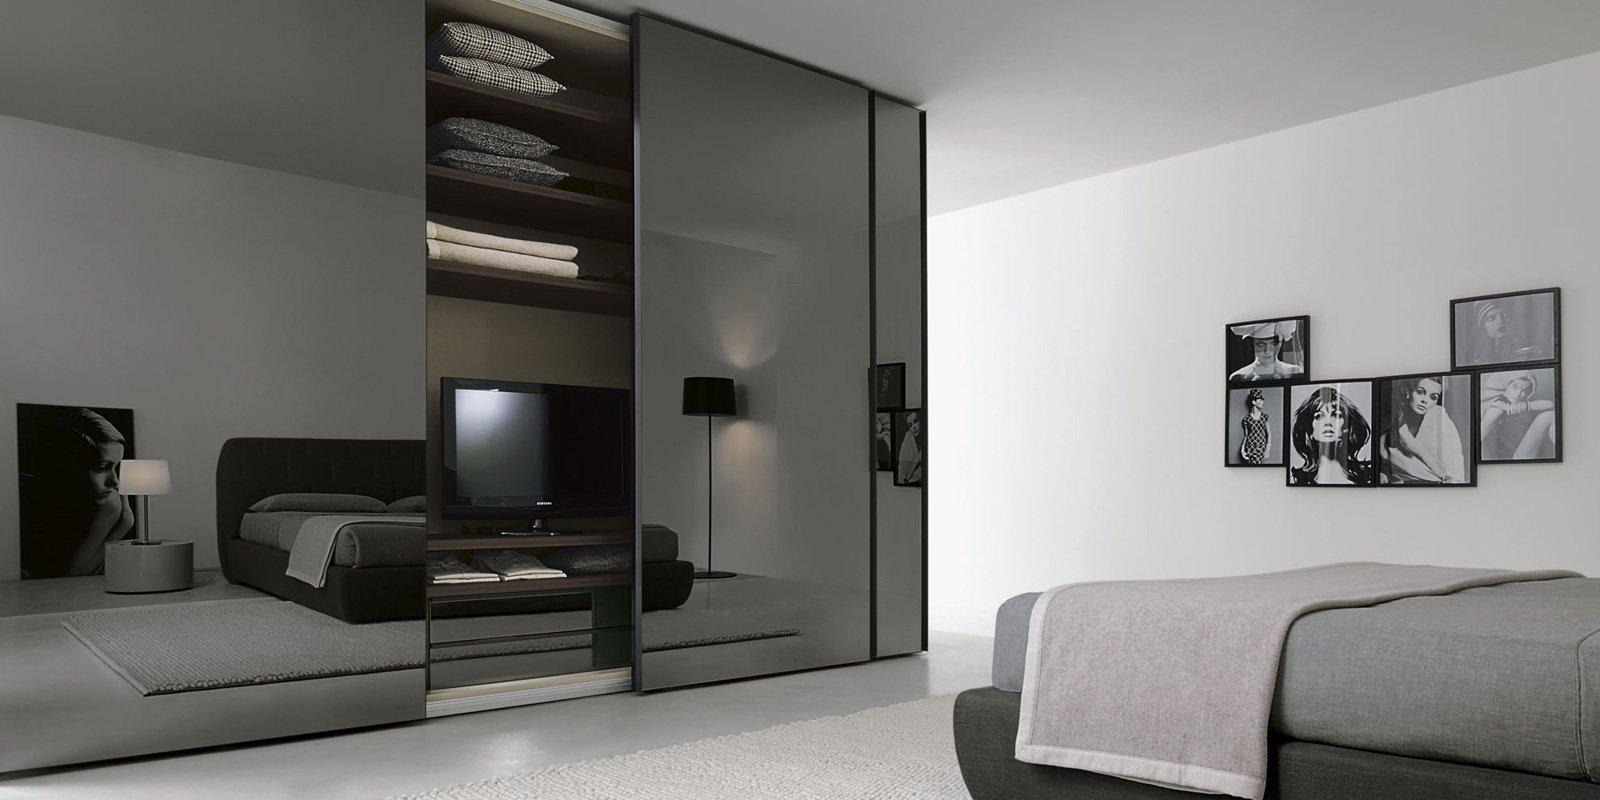 Contemporary Bedroom Furniture | San Francisco; Berkeley, CA ...